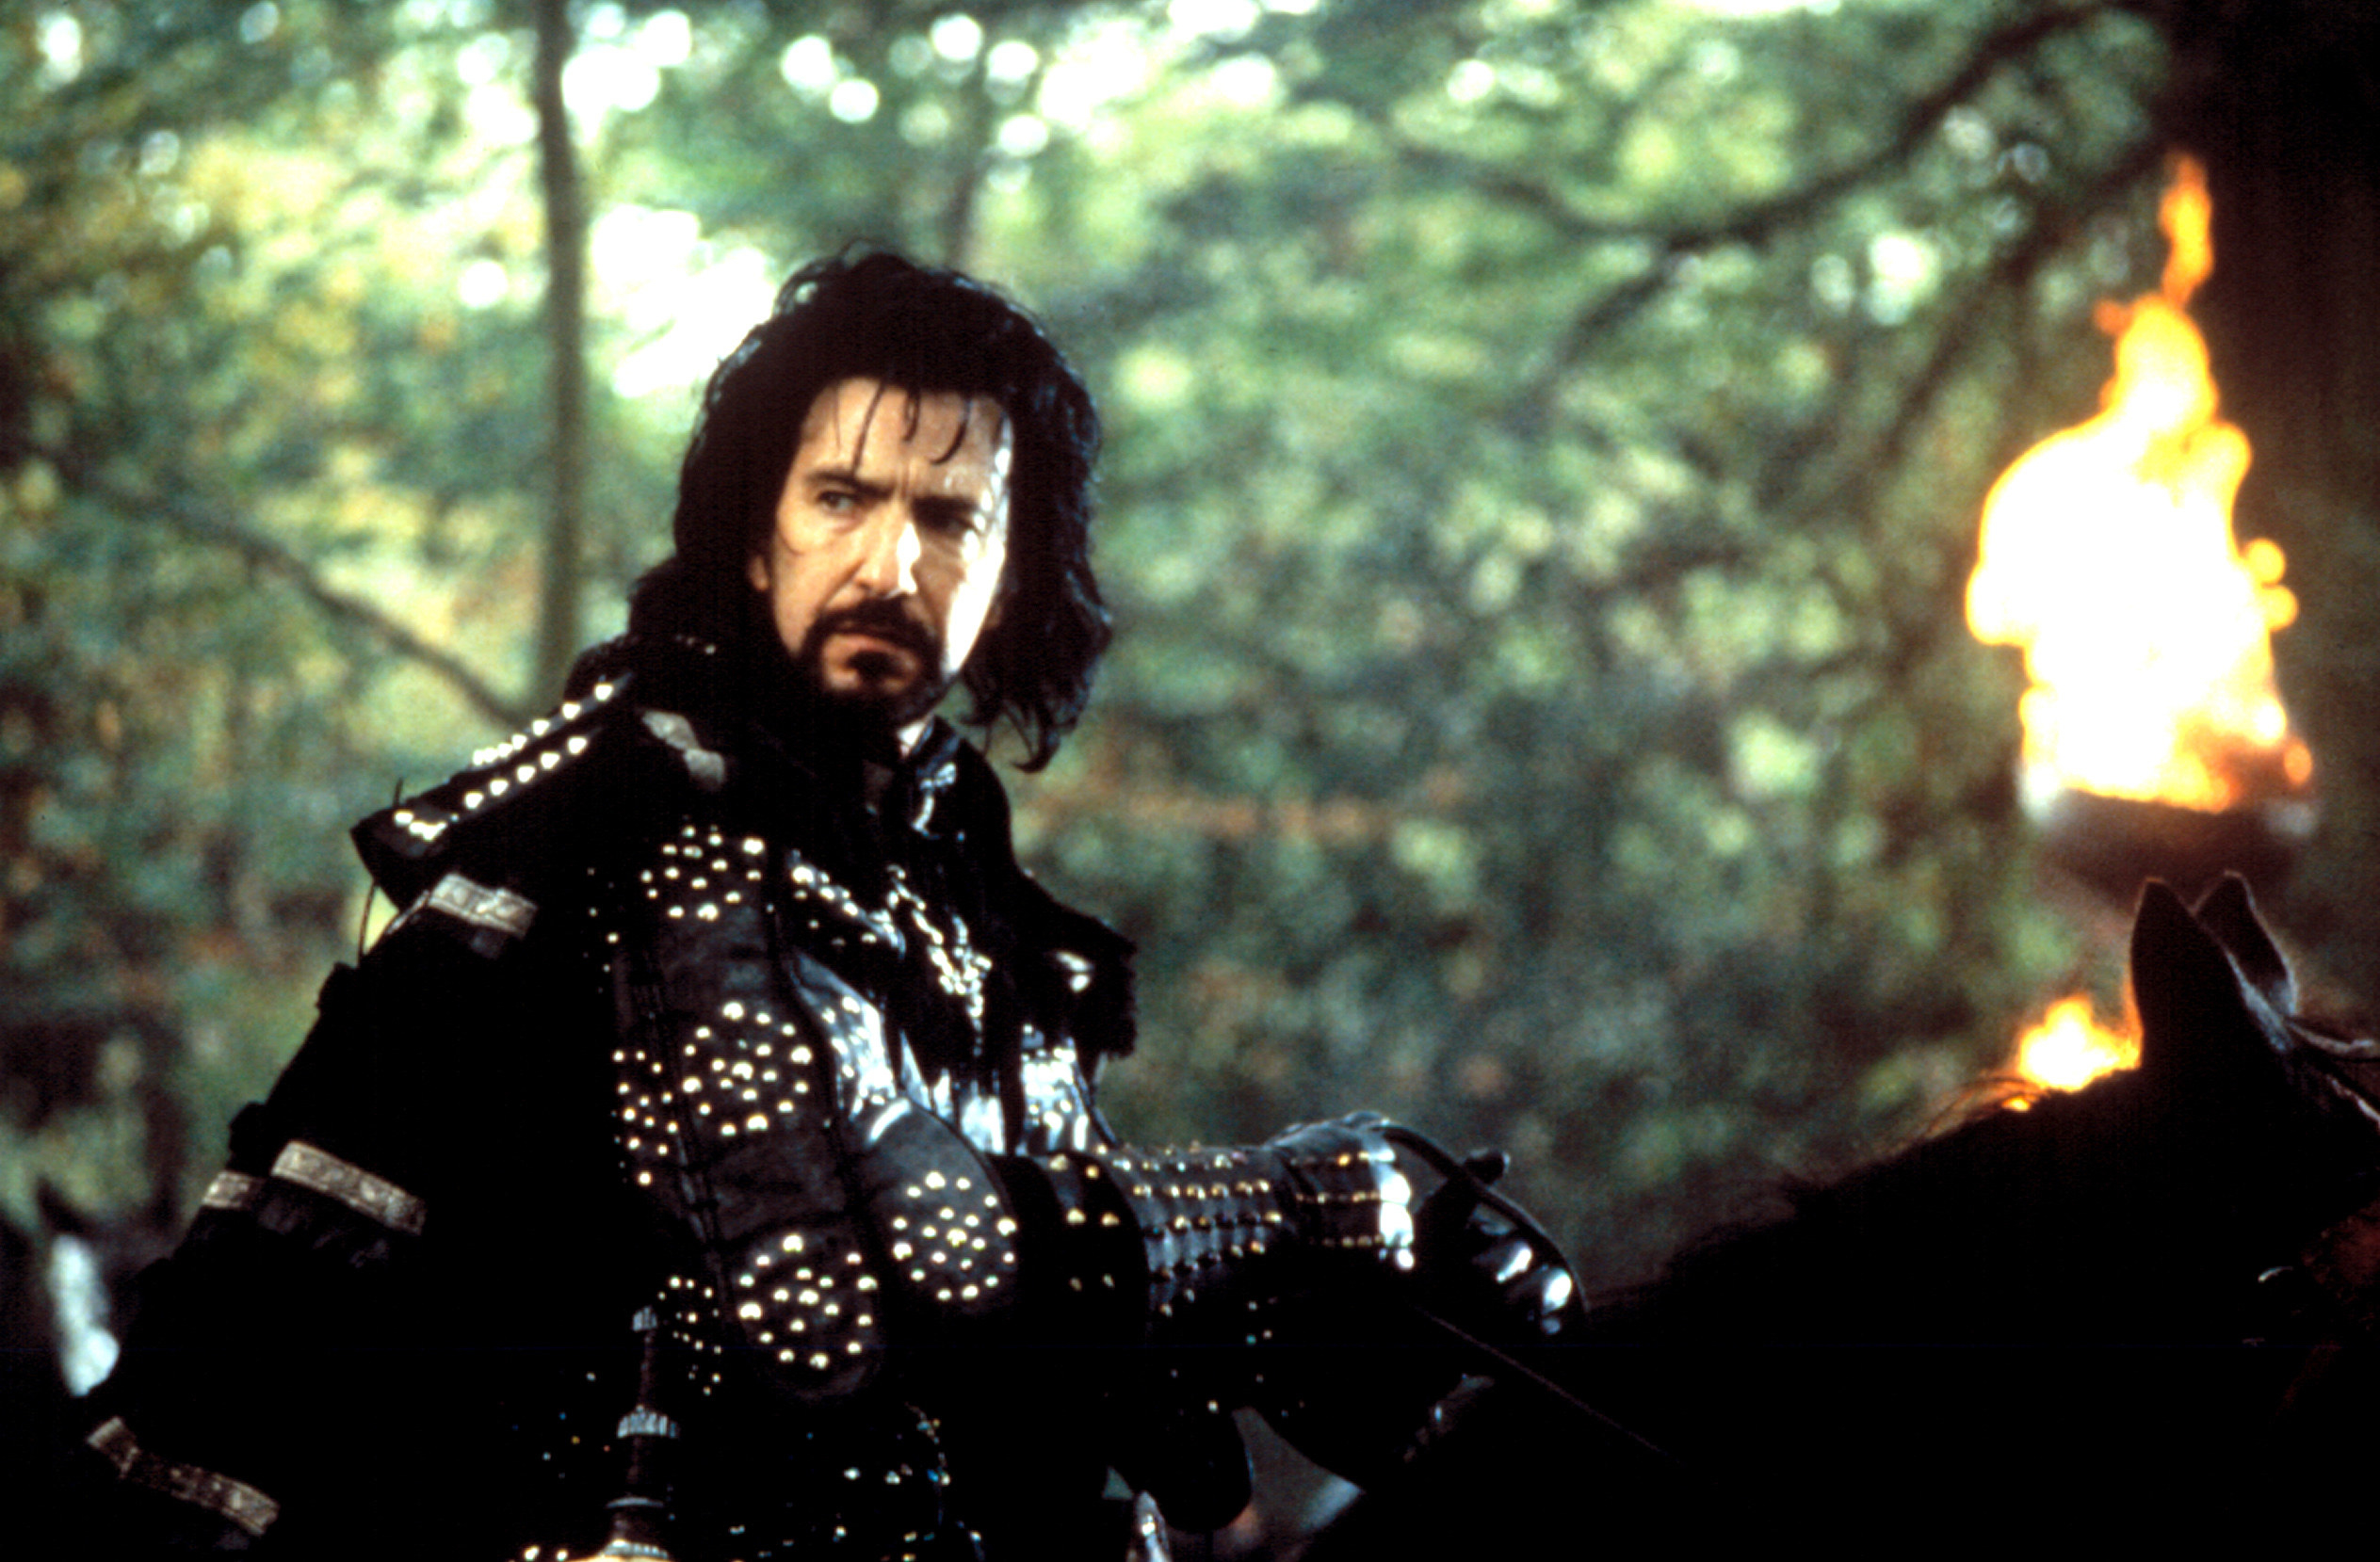 Alan Rickman as the Sheriff